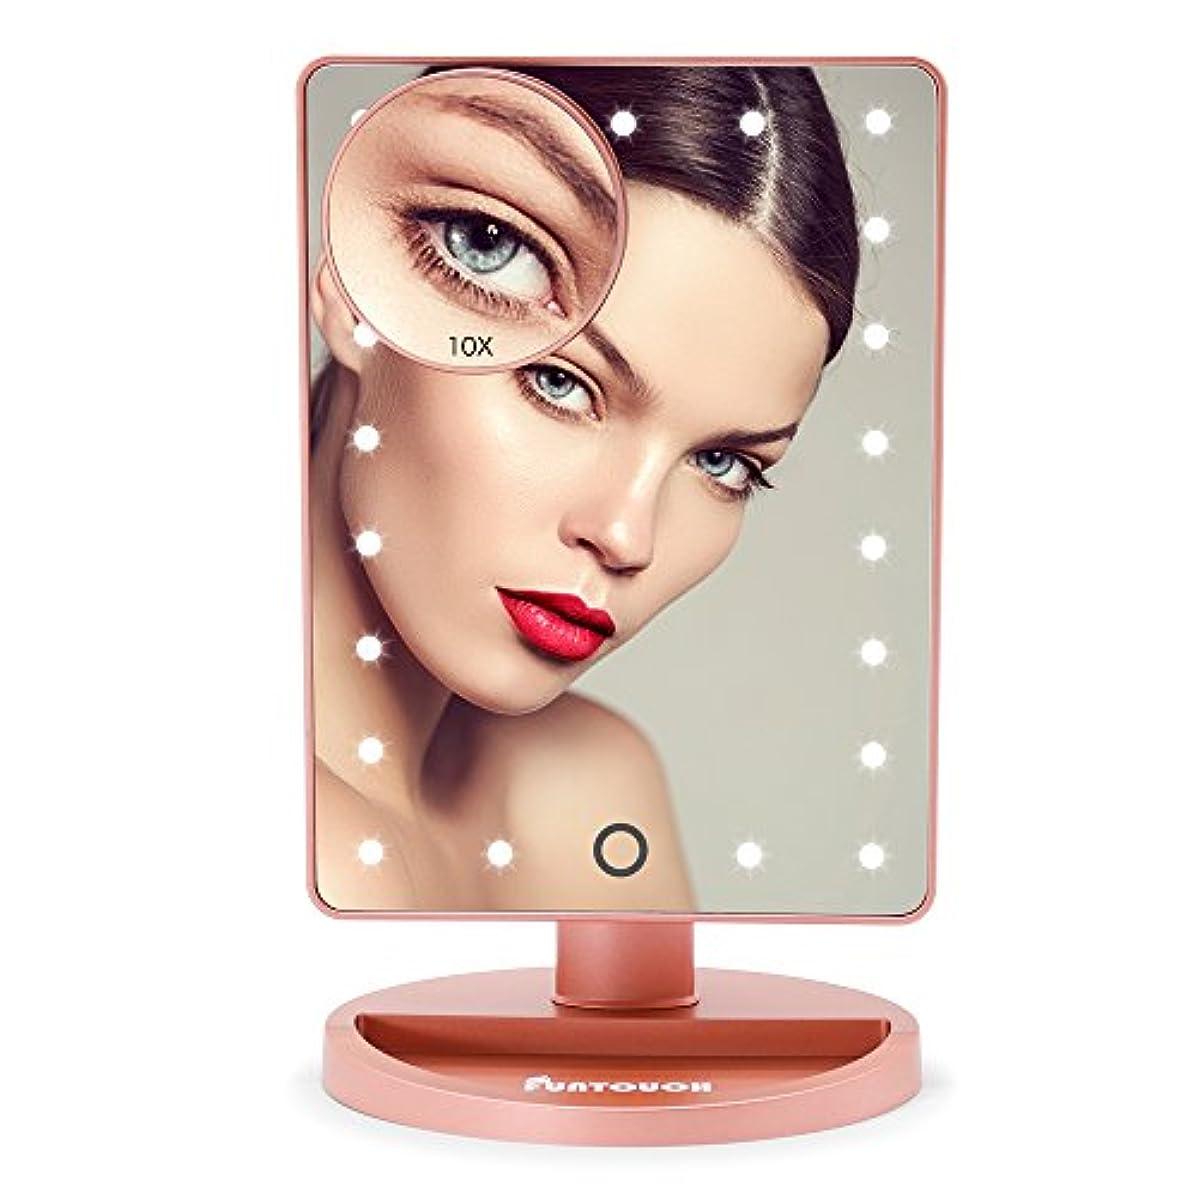 上がる引き出す市町村化粧鏡 卓上鏡 化粧ミラー 鏡 女優ミラー 卓上 21 led 拡大鏡 10倍 明るさ調節可能 180°回転 電池給電(Rose Gold)